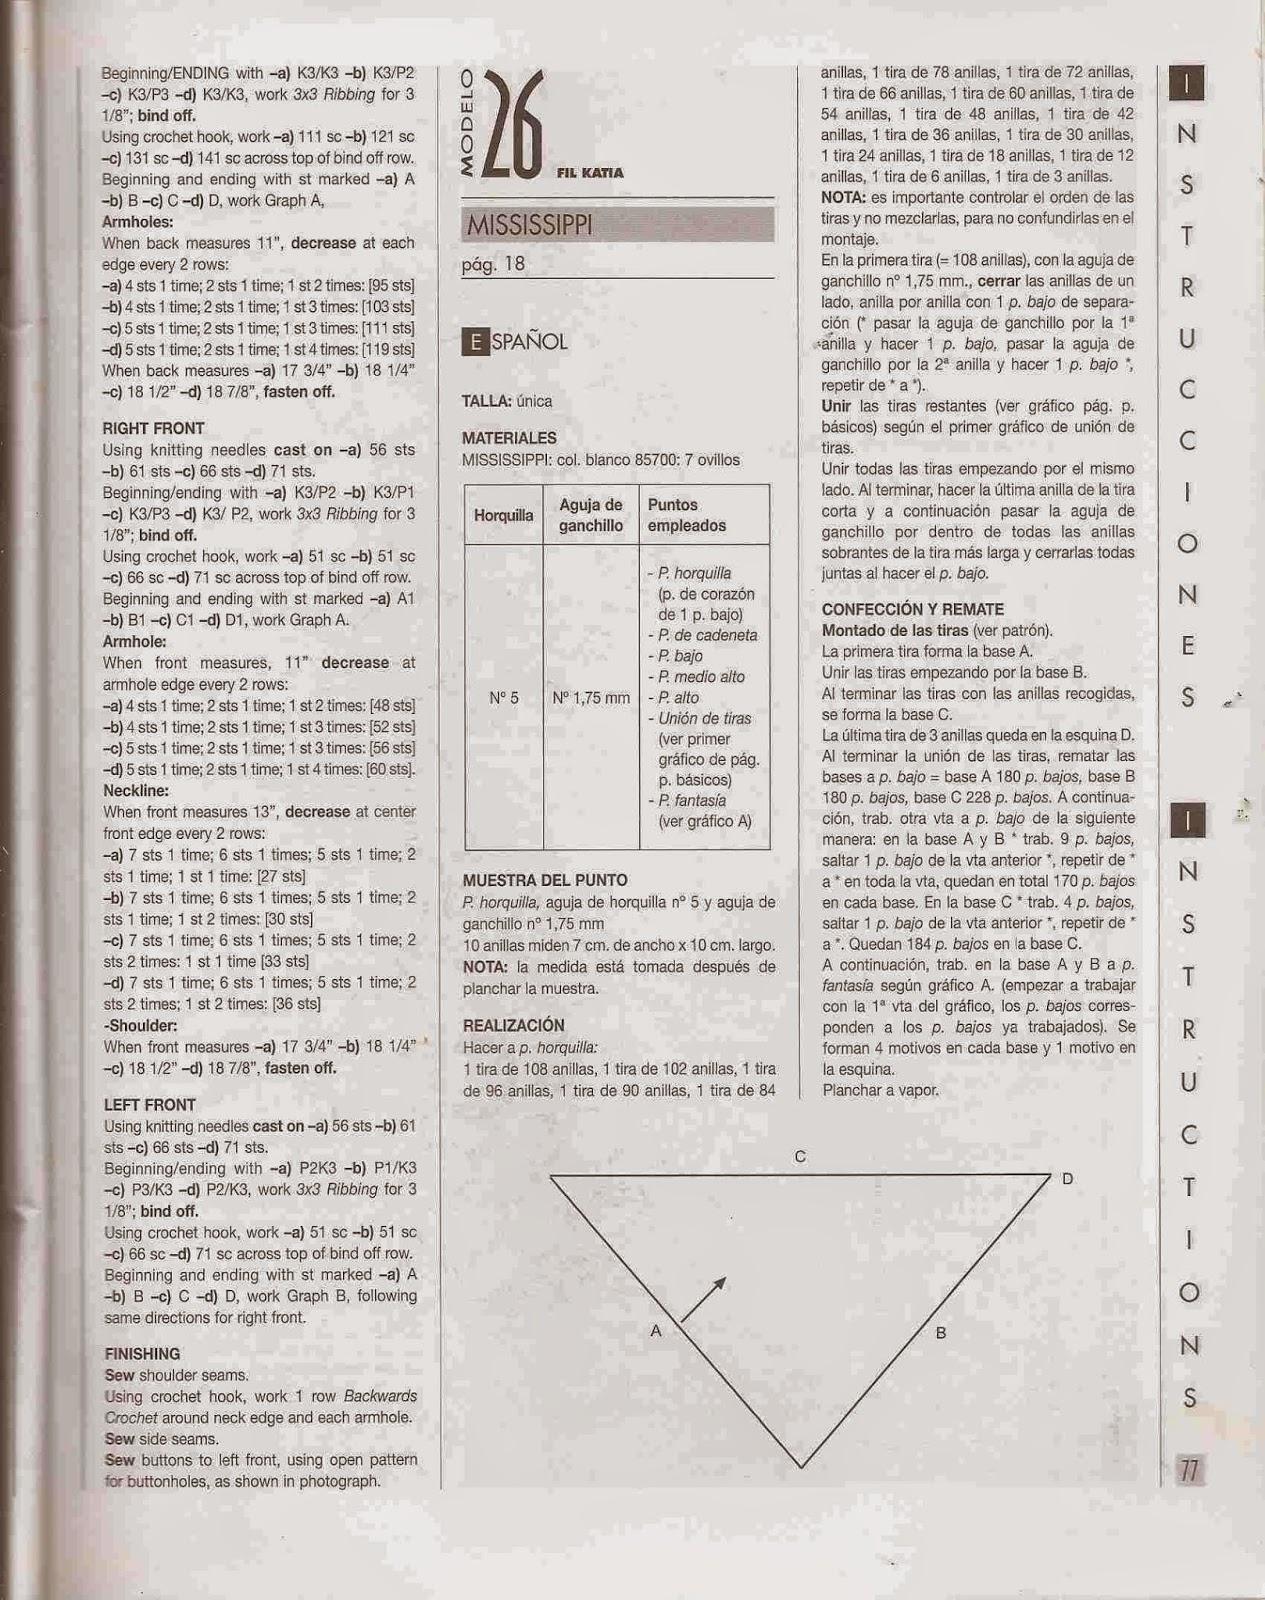 Instrucciones de chal